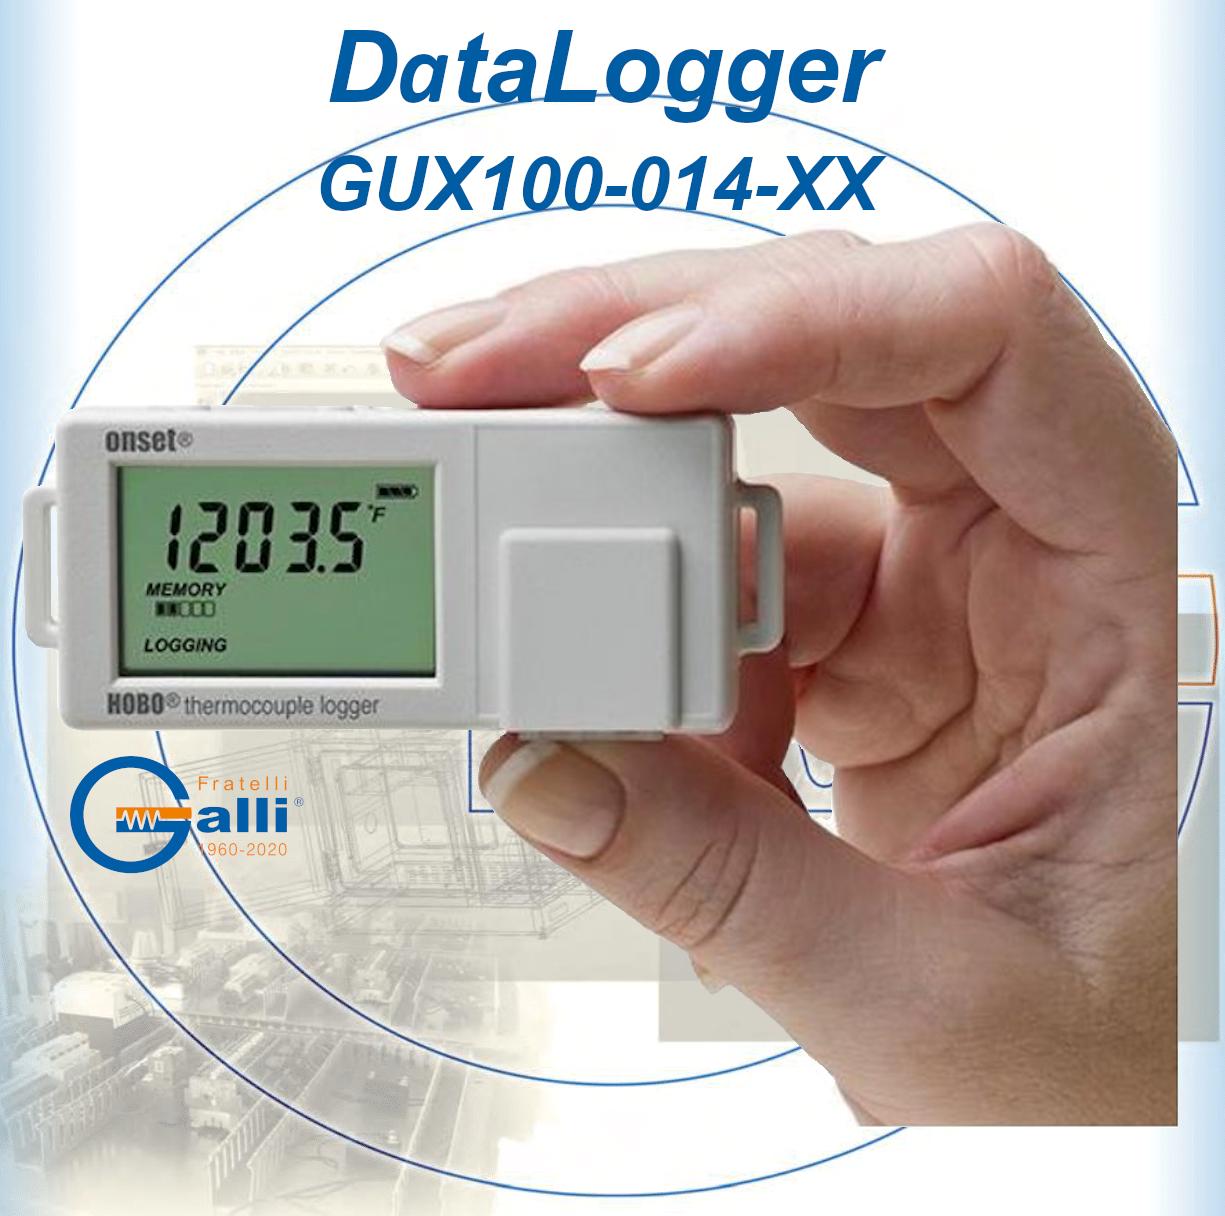 Galli-DataLogger-GUX100-014-XX-Monitoraggio Temperatura Frigor-Freezers-Bagni-Stufe-Incubatori-Forni